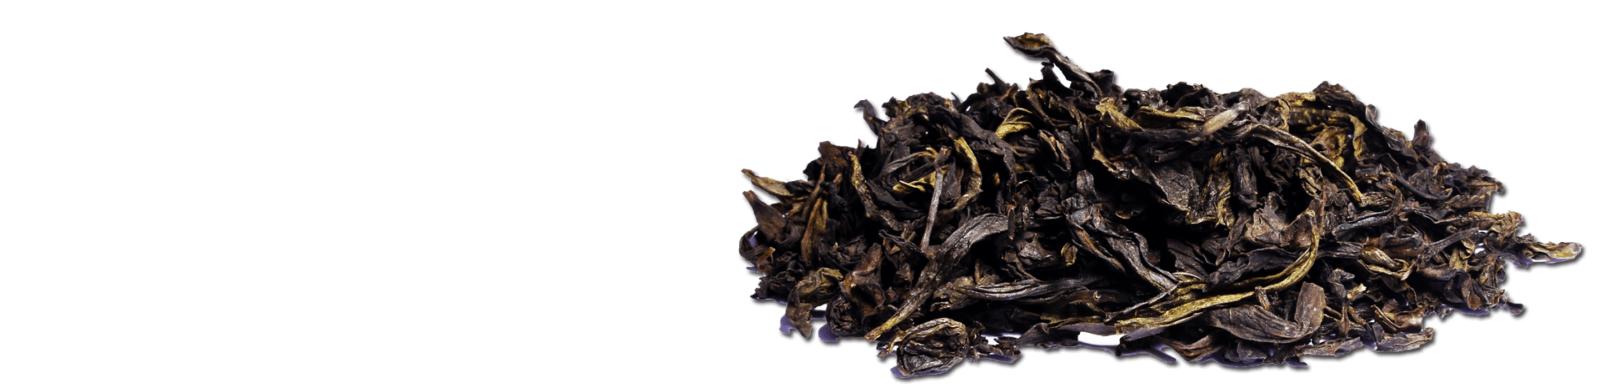 Вы можете купить оптом и в розницу премиальный Китайский чай чёрный улун кусты с гор Феникса (ФХДЦ) в нашем интернет-магазине со склада в Москве, выбрав по ФОТО или заказав пробник, от Чайной Компании Путь Чая с доставкой по РФ и странам ТС.